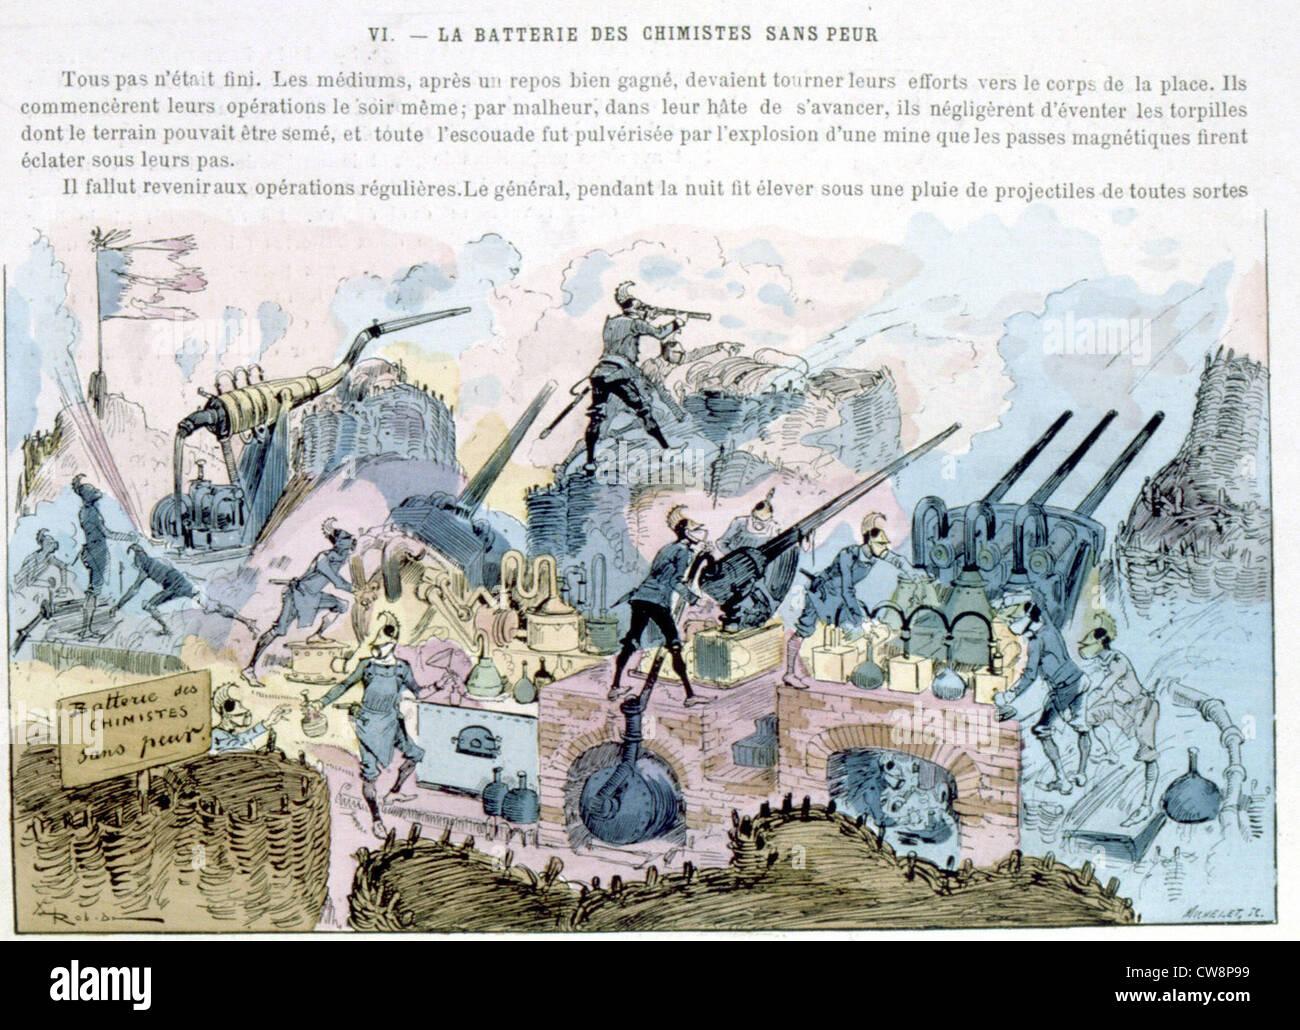 La guerre au xxe siècle, illustration par Robida Photo Stock